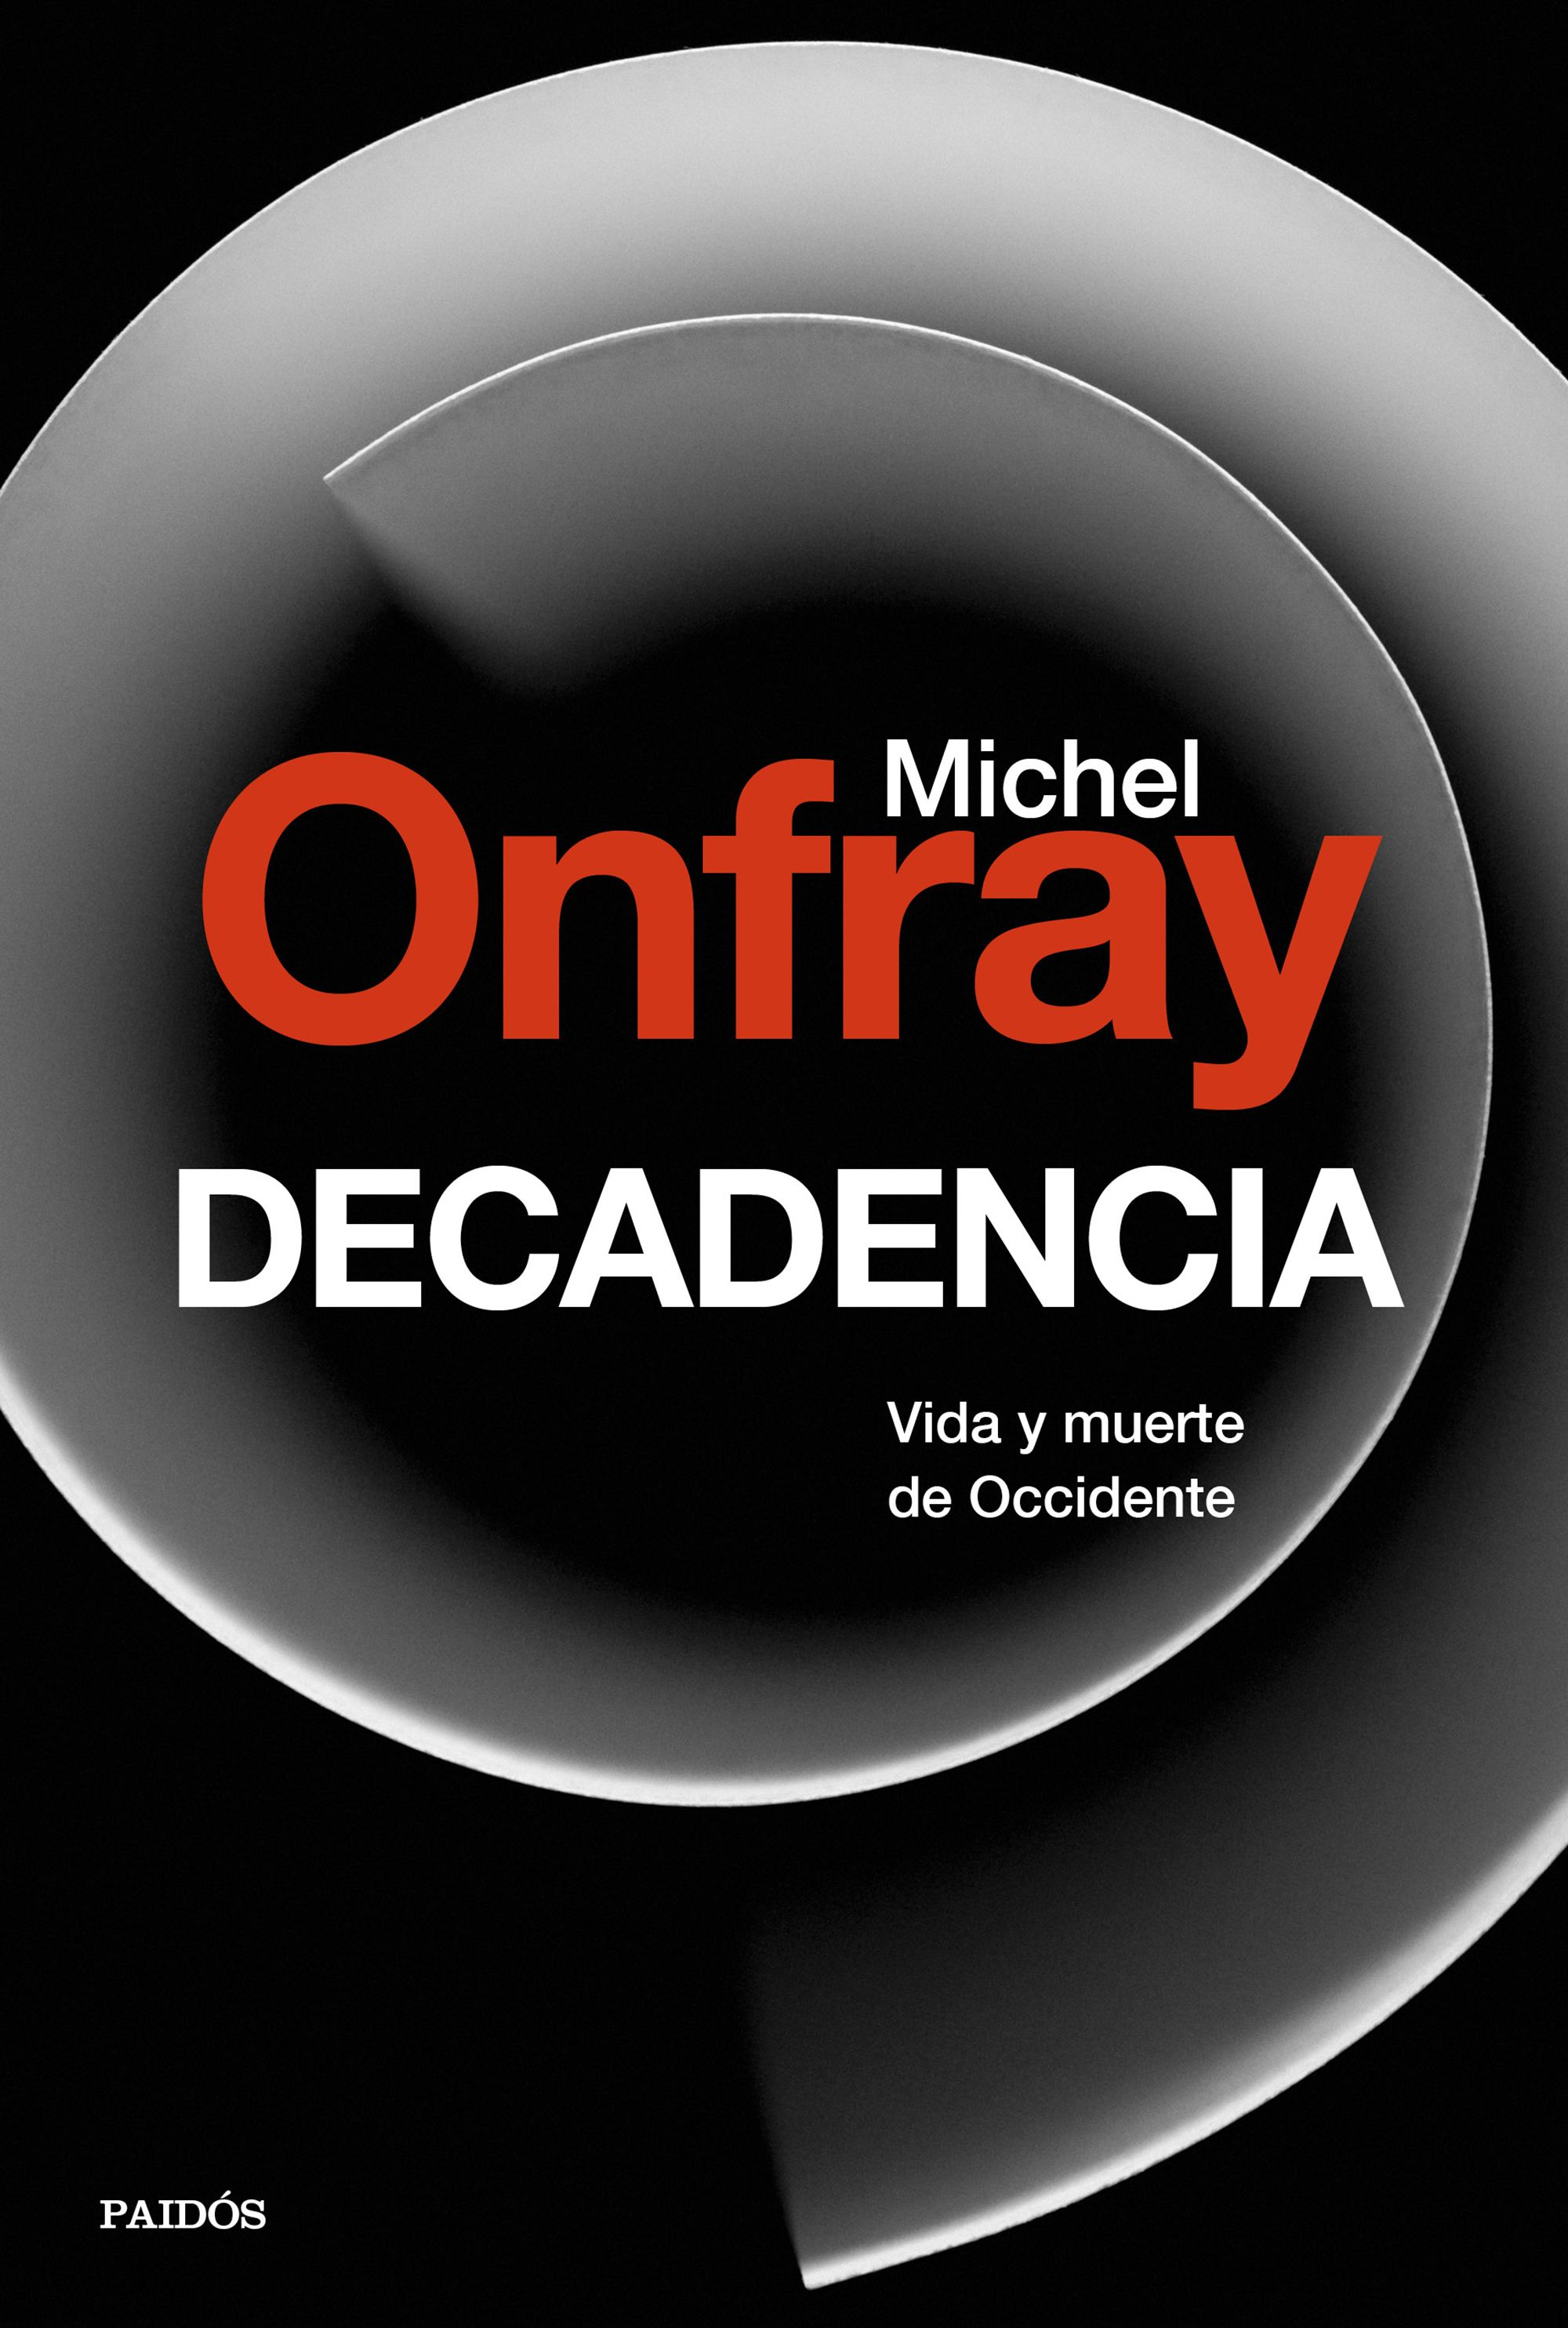 portada_decadencia_michel-onfray